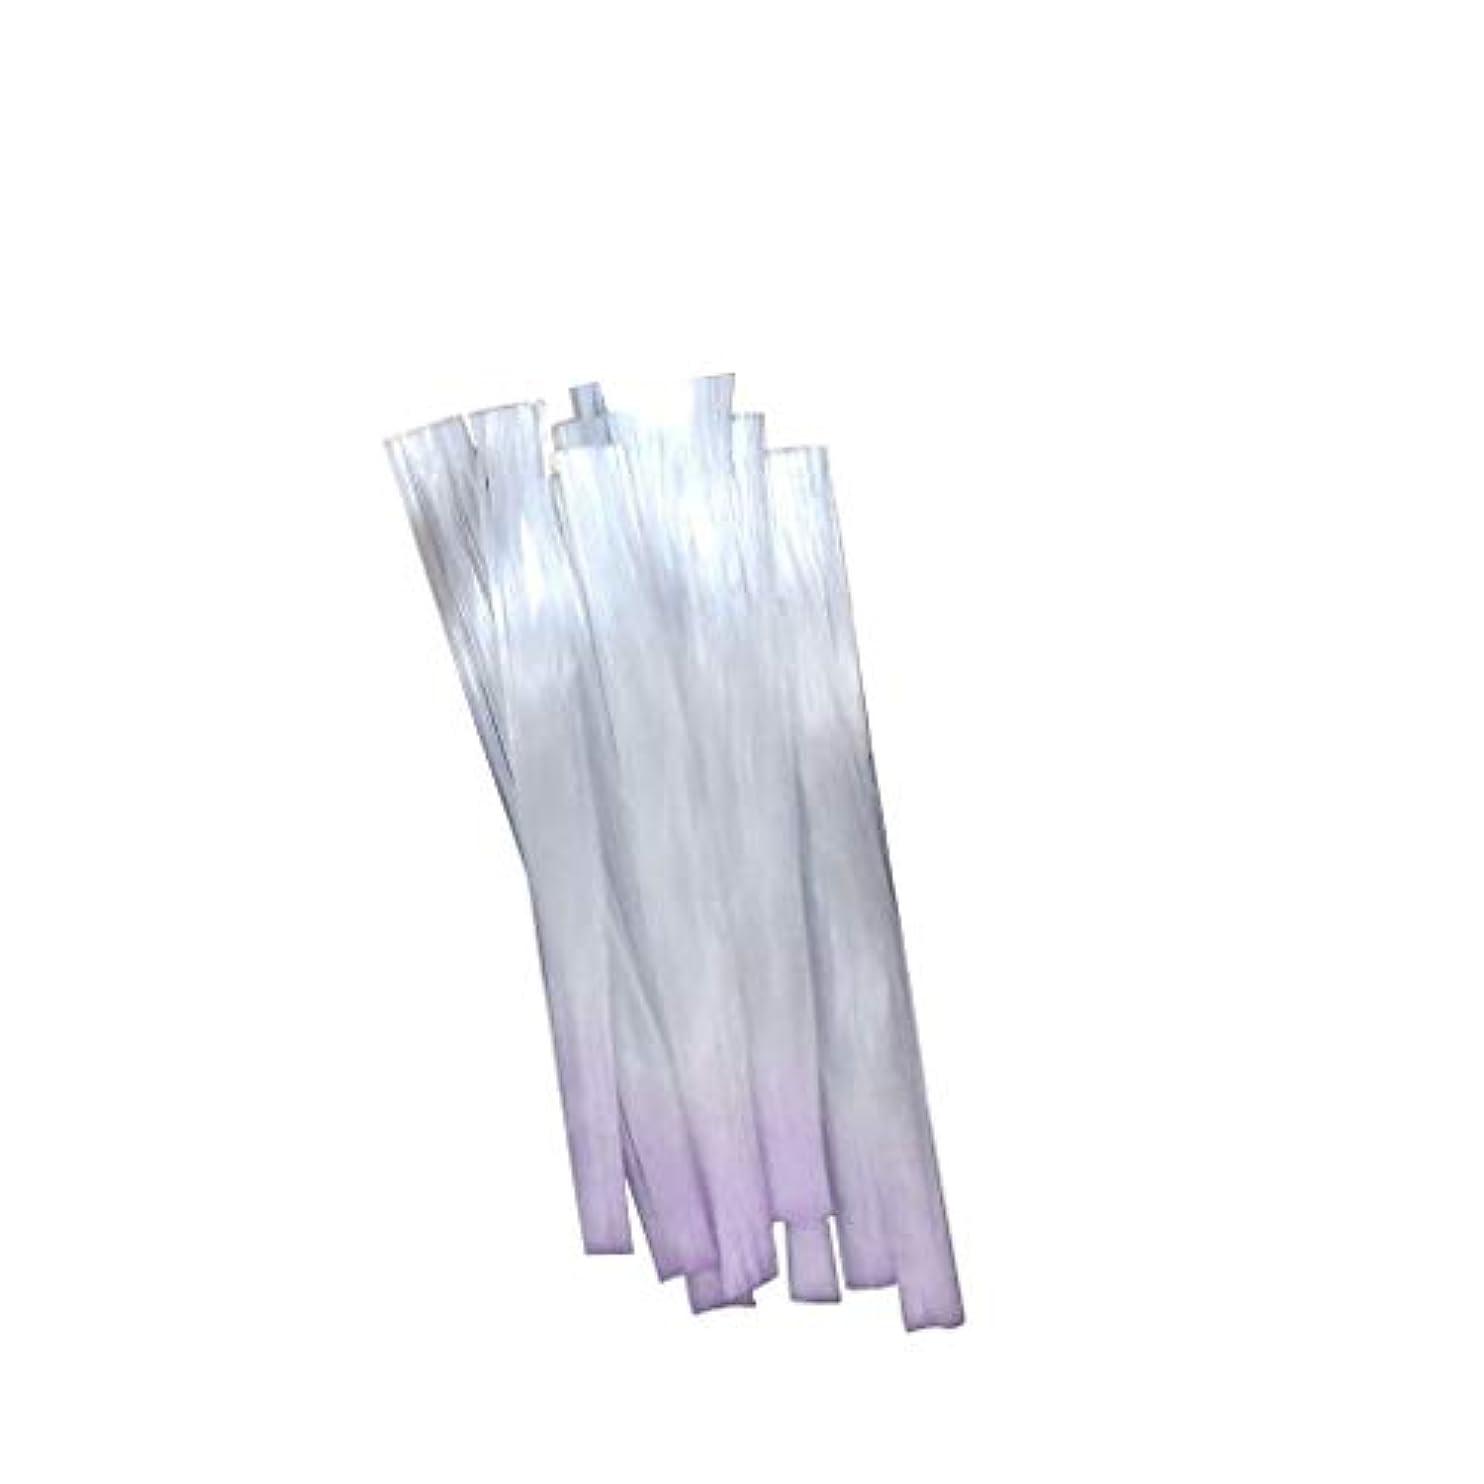 直面するナラーバー突き出すジェルネイル グリッター ポリッシュ カラーセット グラスファイバー ネイルサロン ファイバーグラスネイル フォーエクステンション シャオメイスター